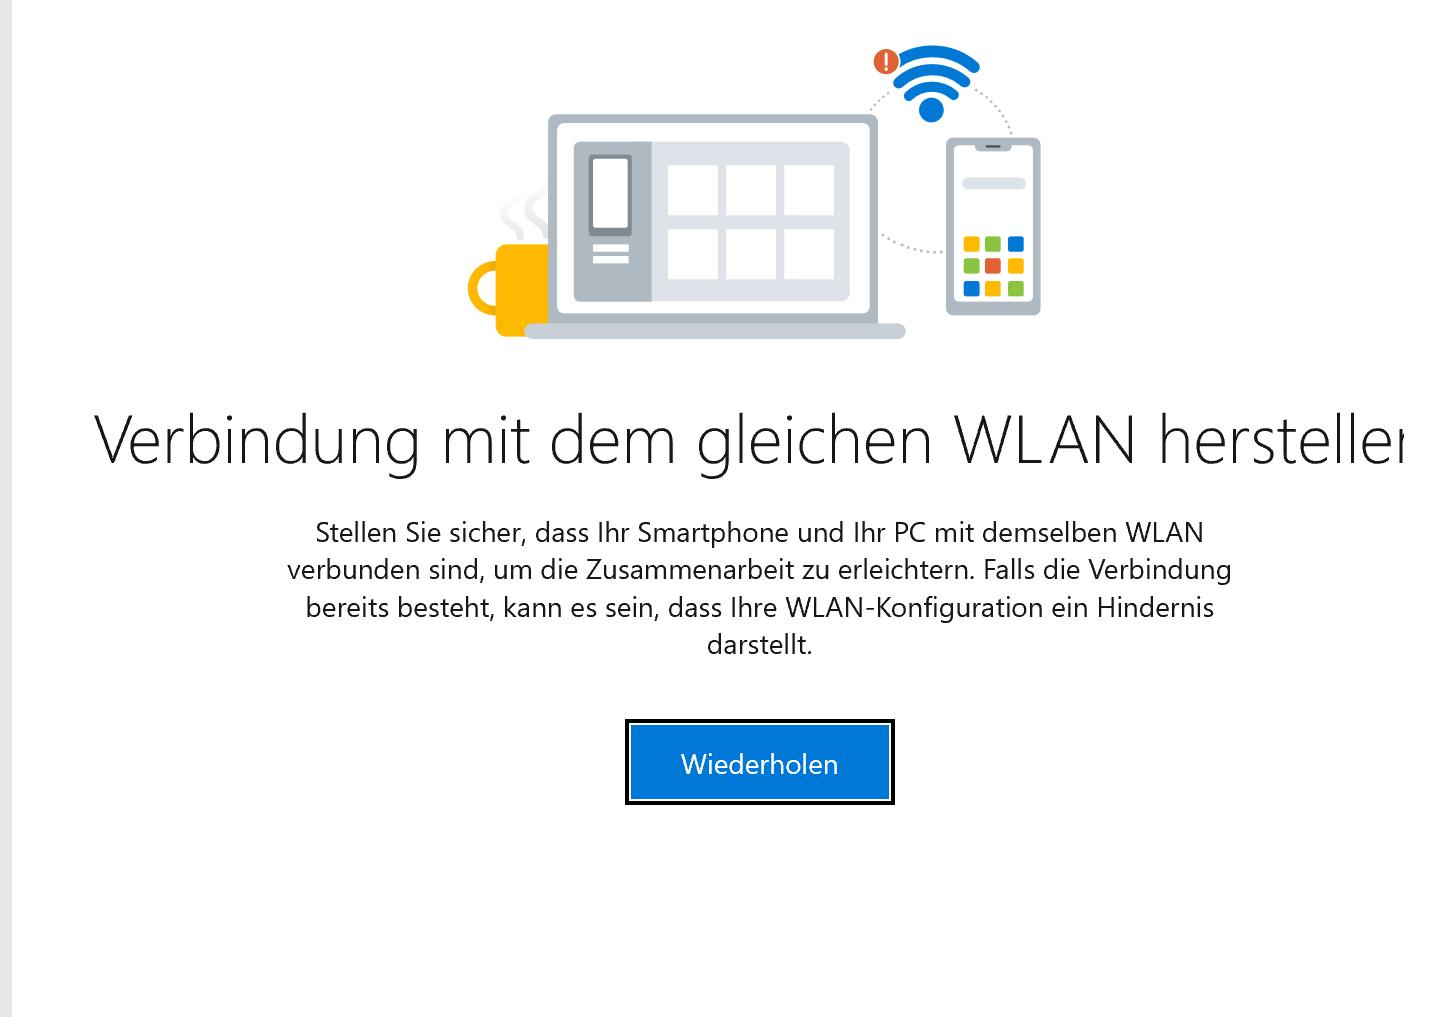 Verbindung vom Tablet zum Smartphone über die Datenverbindung scheitert